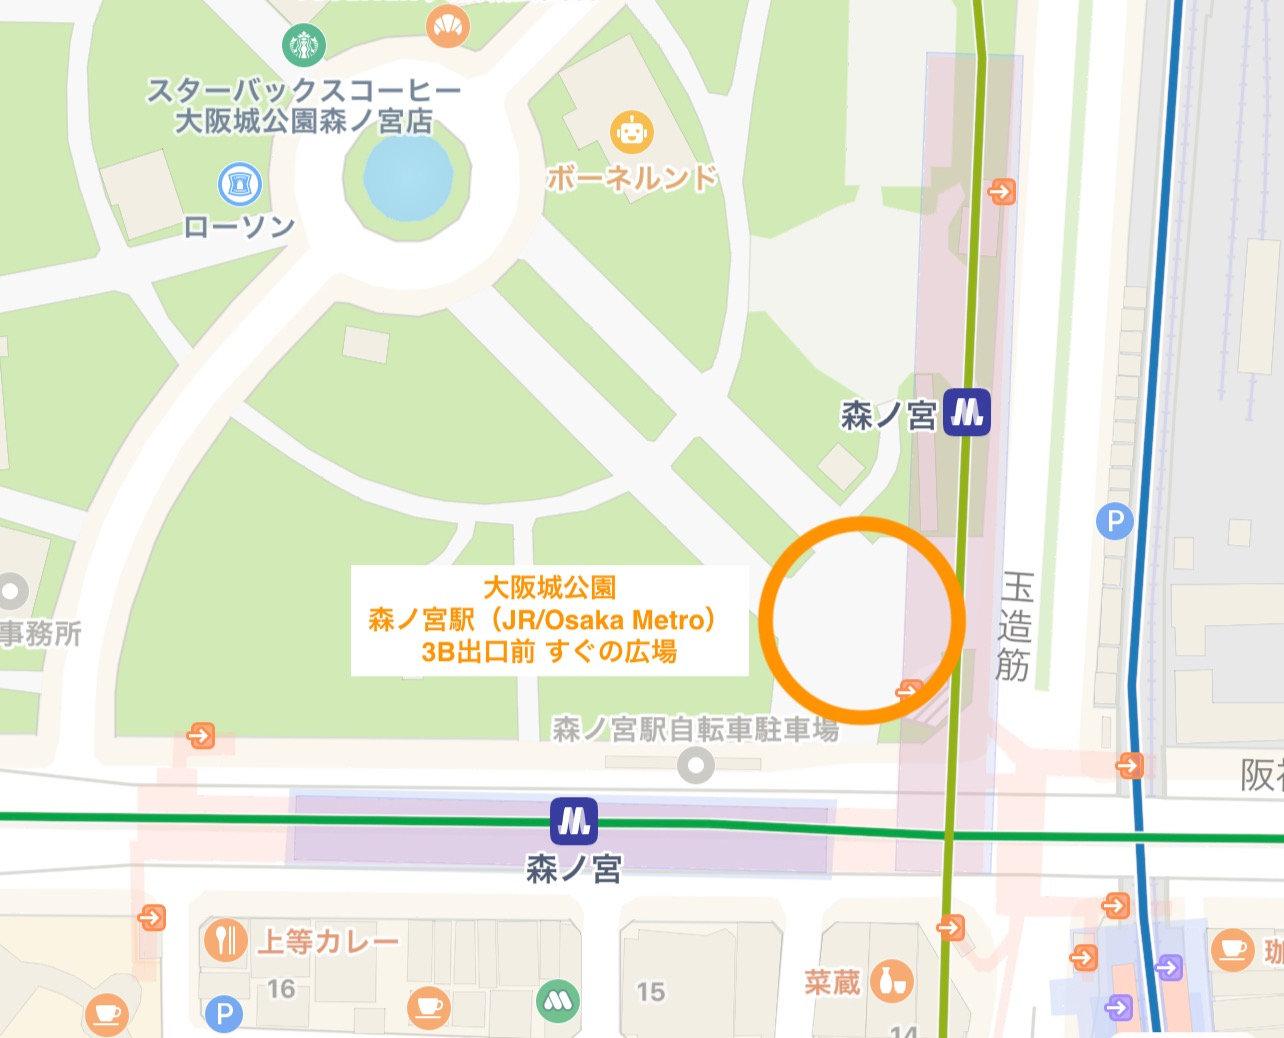 【大阪・大阪城公園】試乗体験 & 購入者レクチャー会